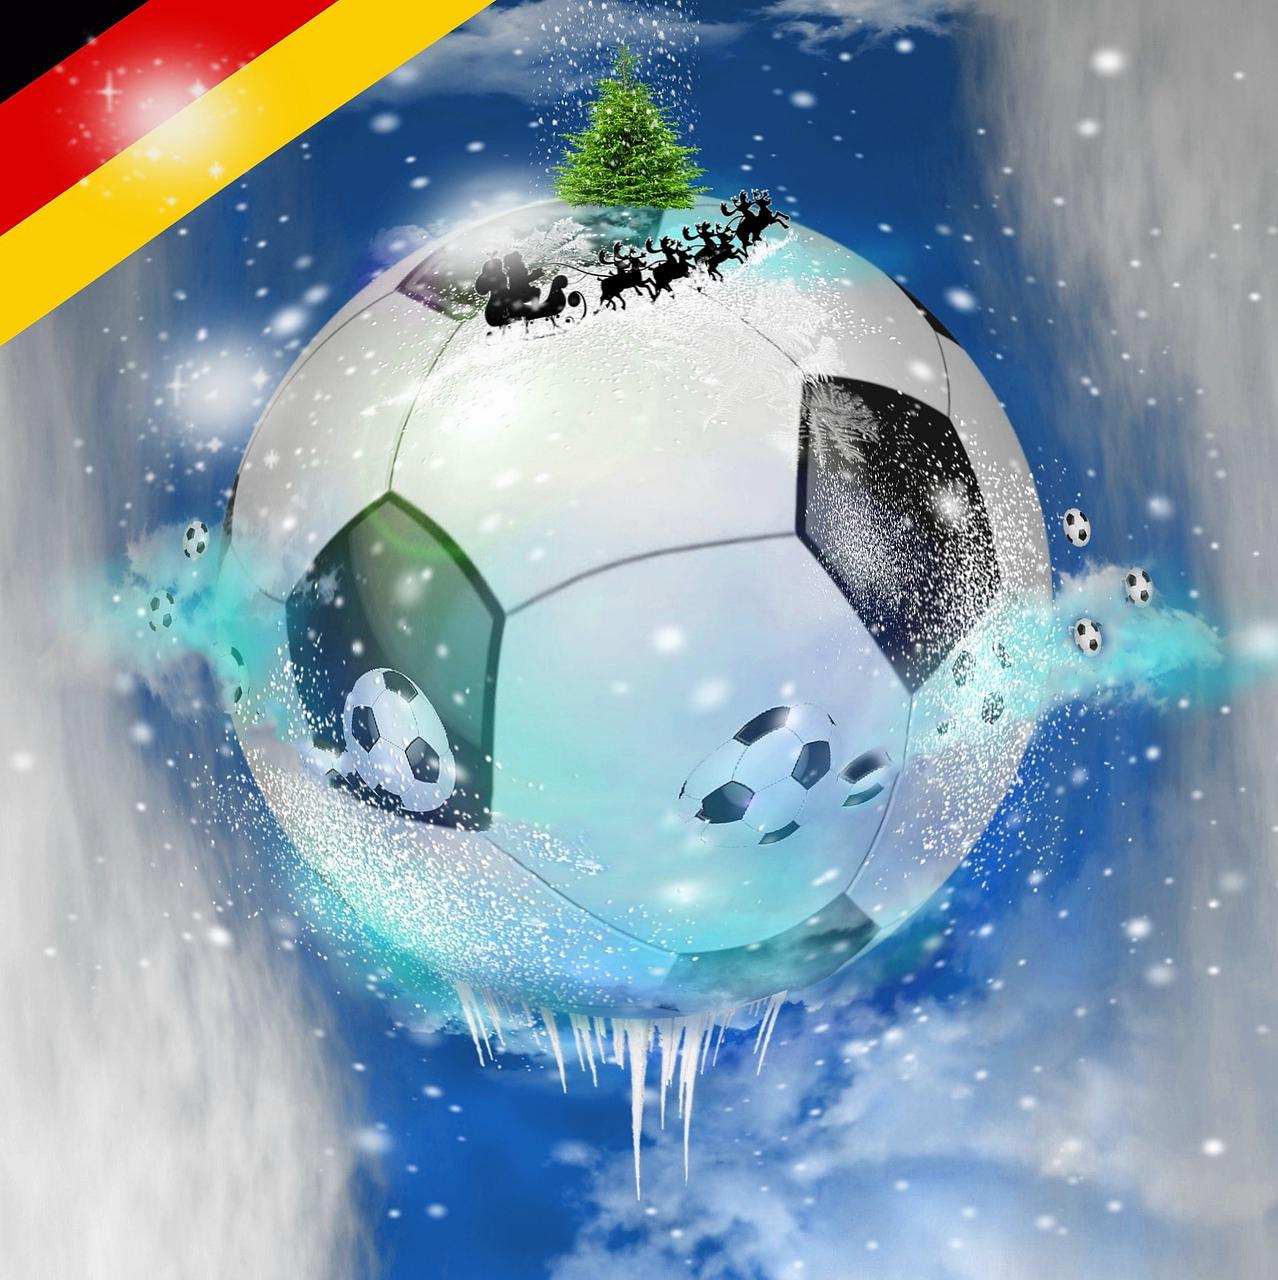 Gedicht Zur Weihnachtsfeier (Für Fußballspieler) – Festpark.de ganzes Lustige Gedichte Für Weihnachtsfeier